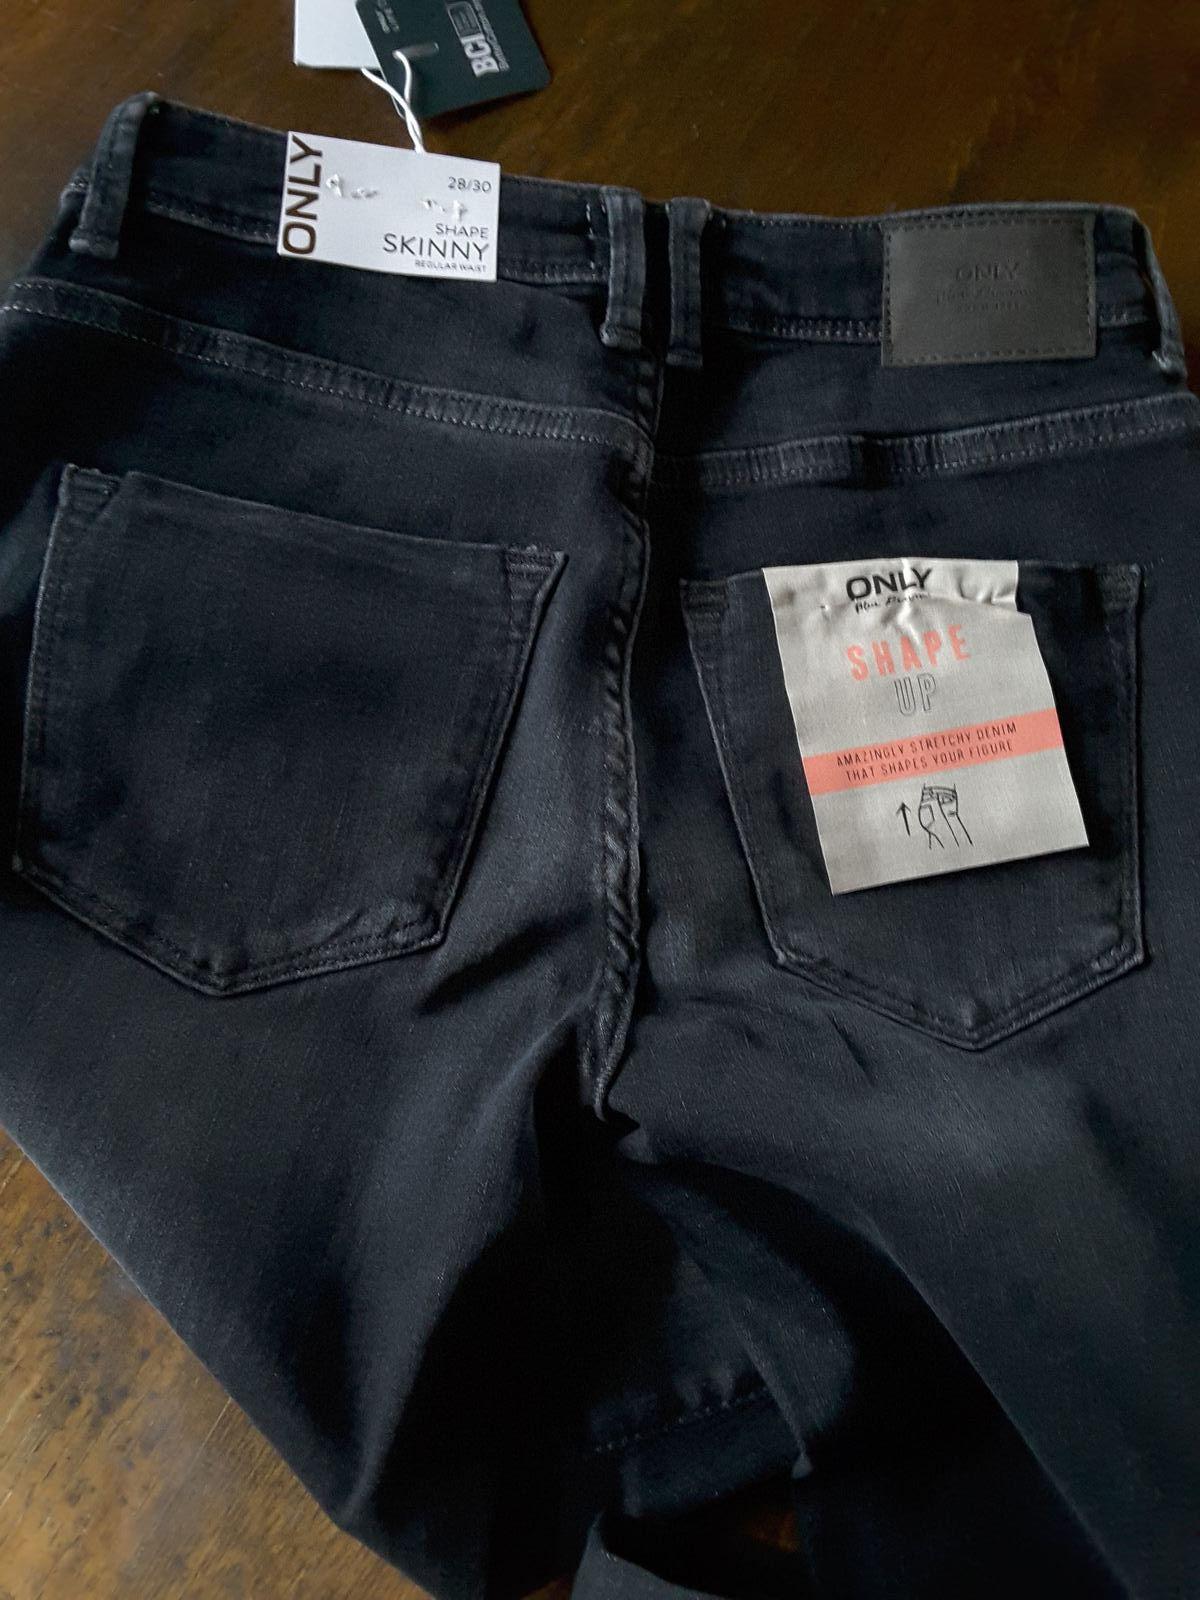 jean Onlshape Jeans Skinny black - Only lookiero missbonsplansdunet box vêtements styliste personal shopper